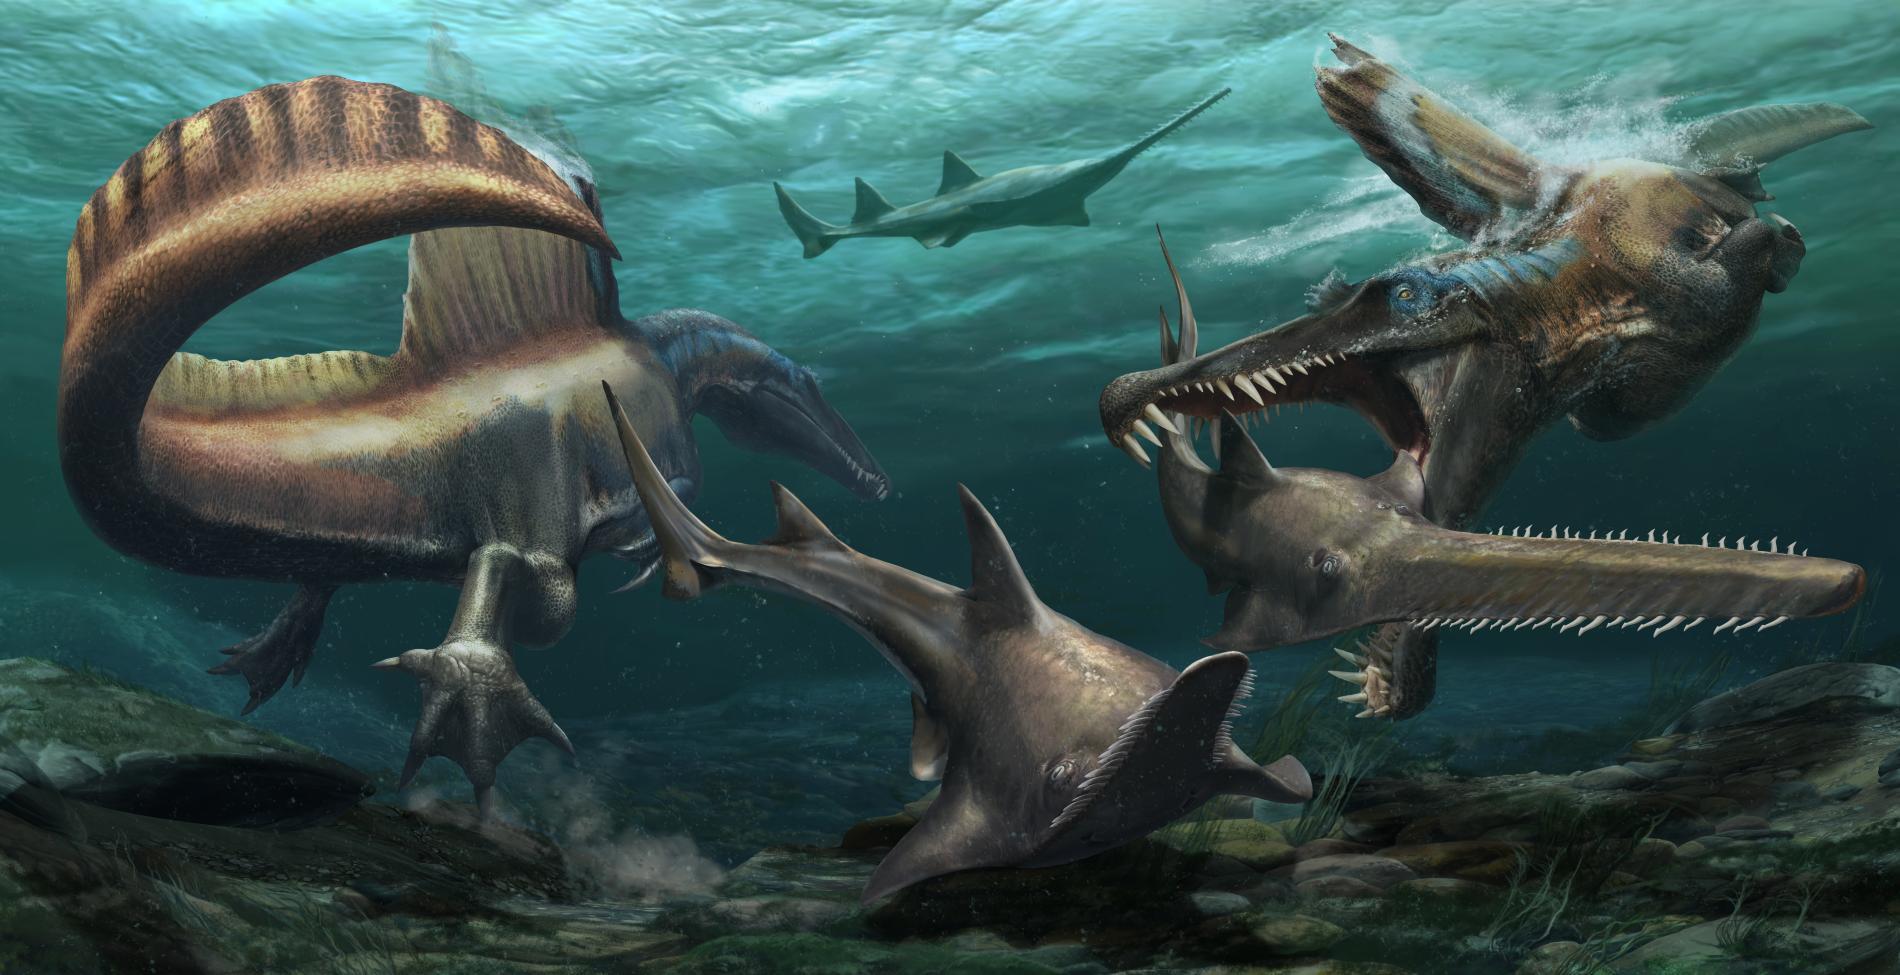 Létezhettek e dinoszauruszok a Tóra szerint?